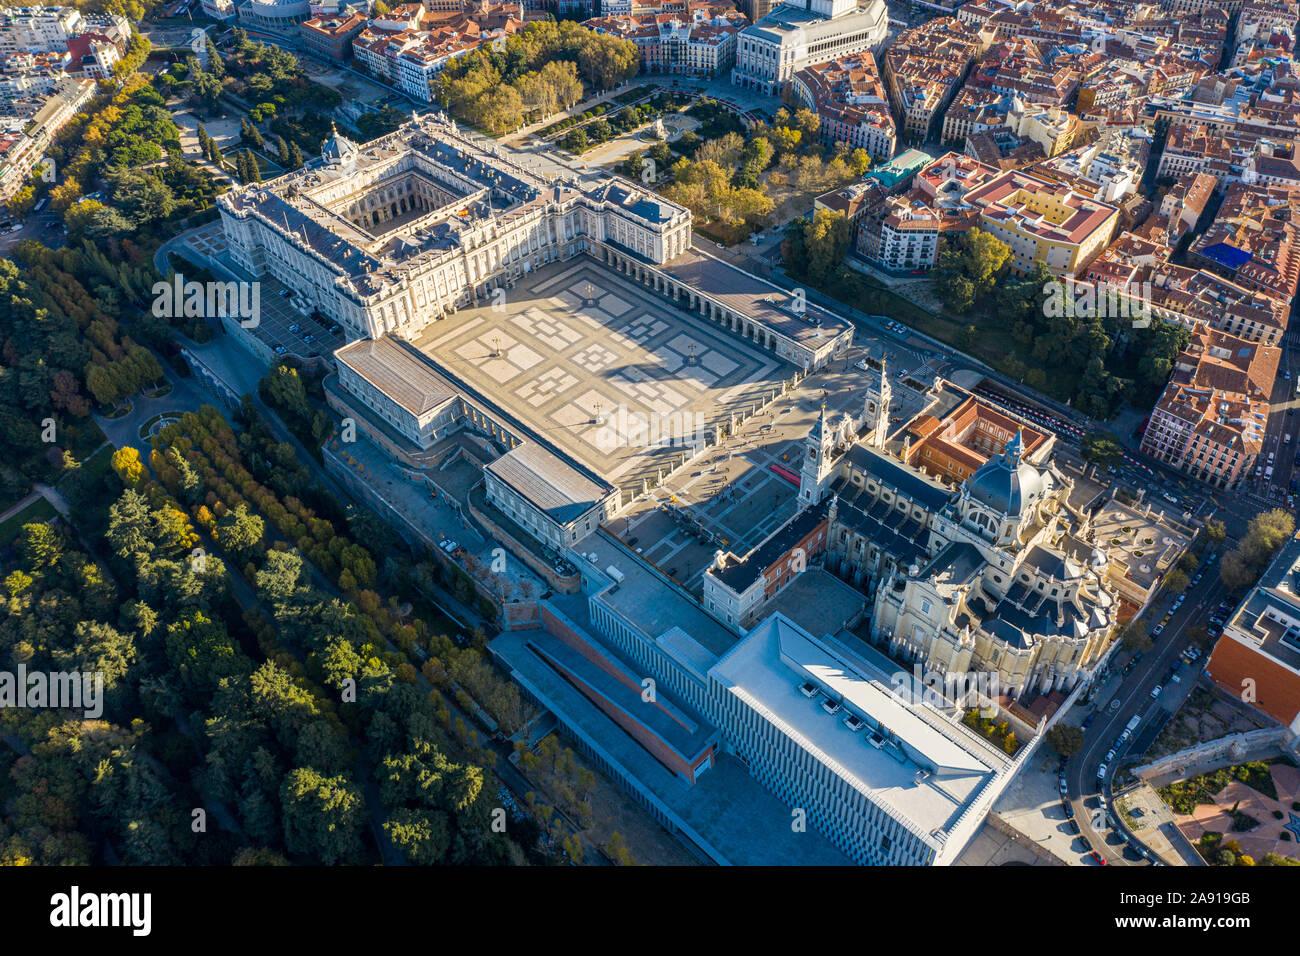 El Palacio Real de Madrid, el Palacio Real de Madrid, Madrid, España Foto de stock